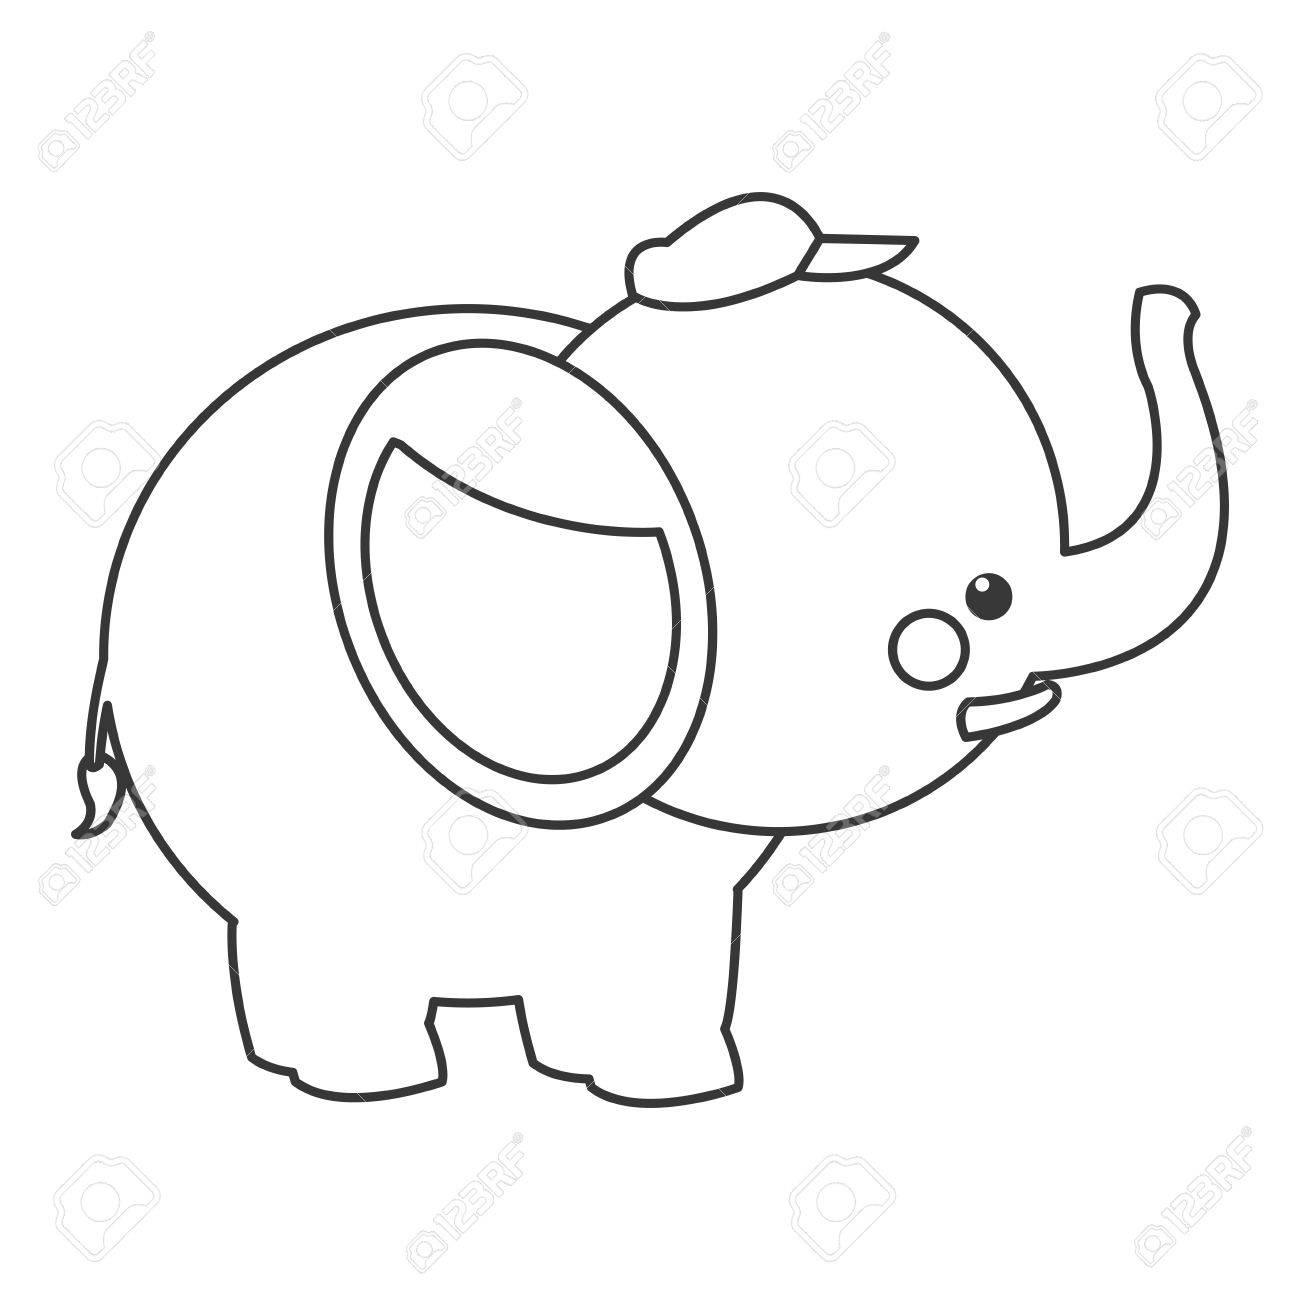 Diseño Plano Lindo Elefante De Dibujos Animados Con El Icono De ...